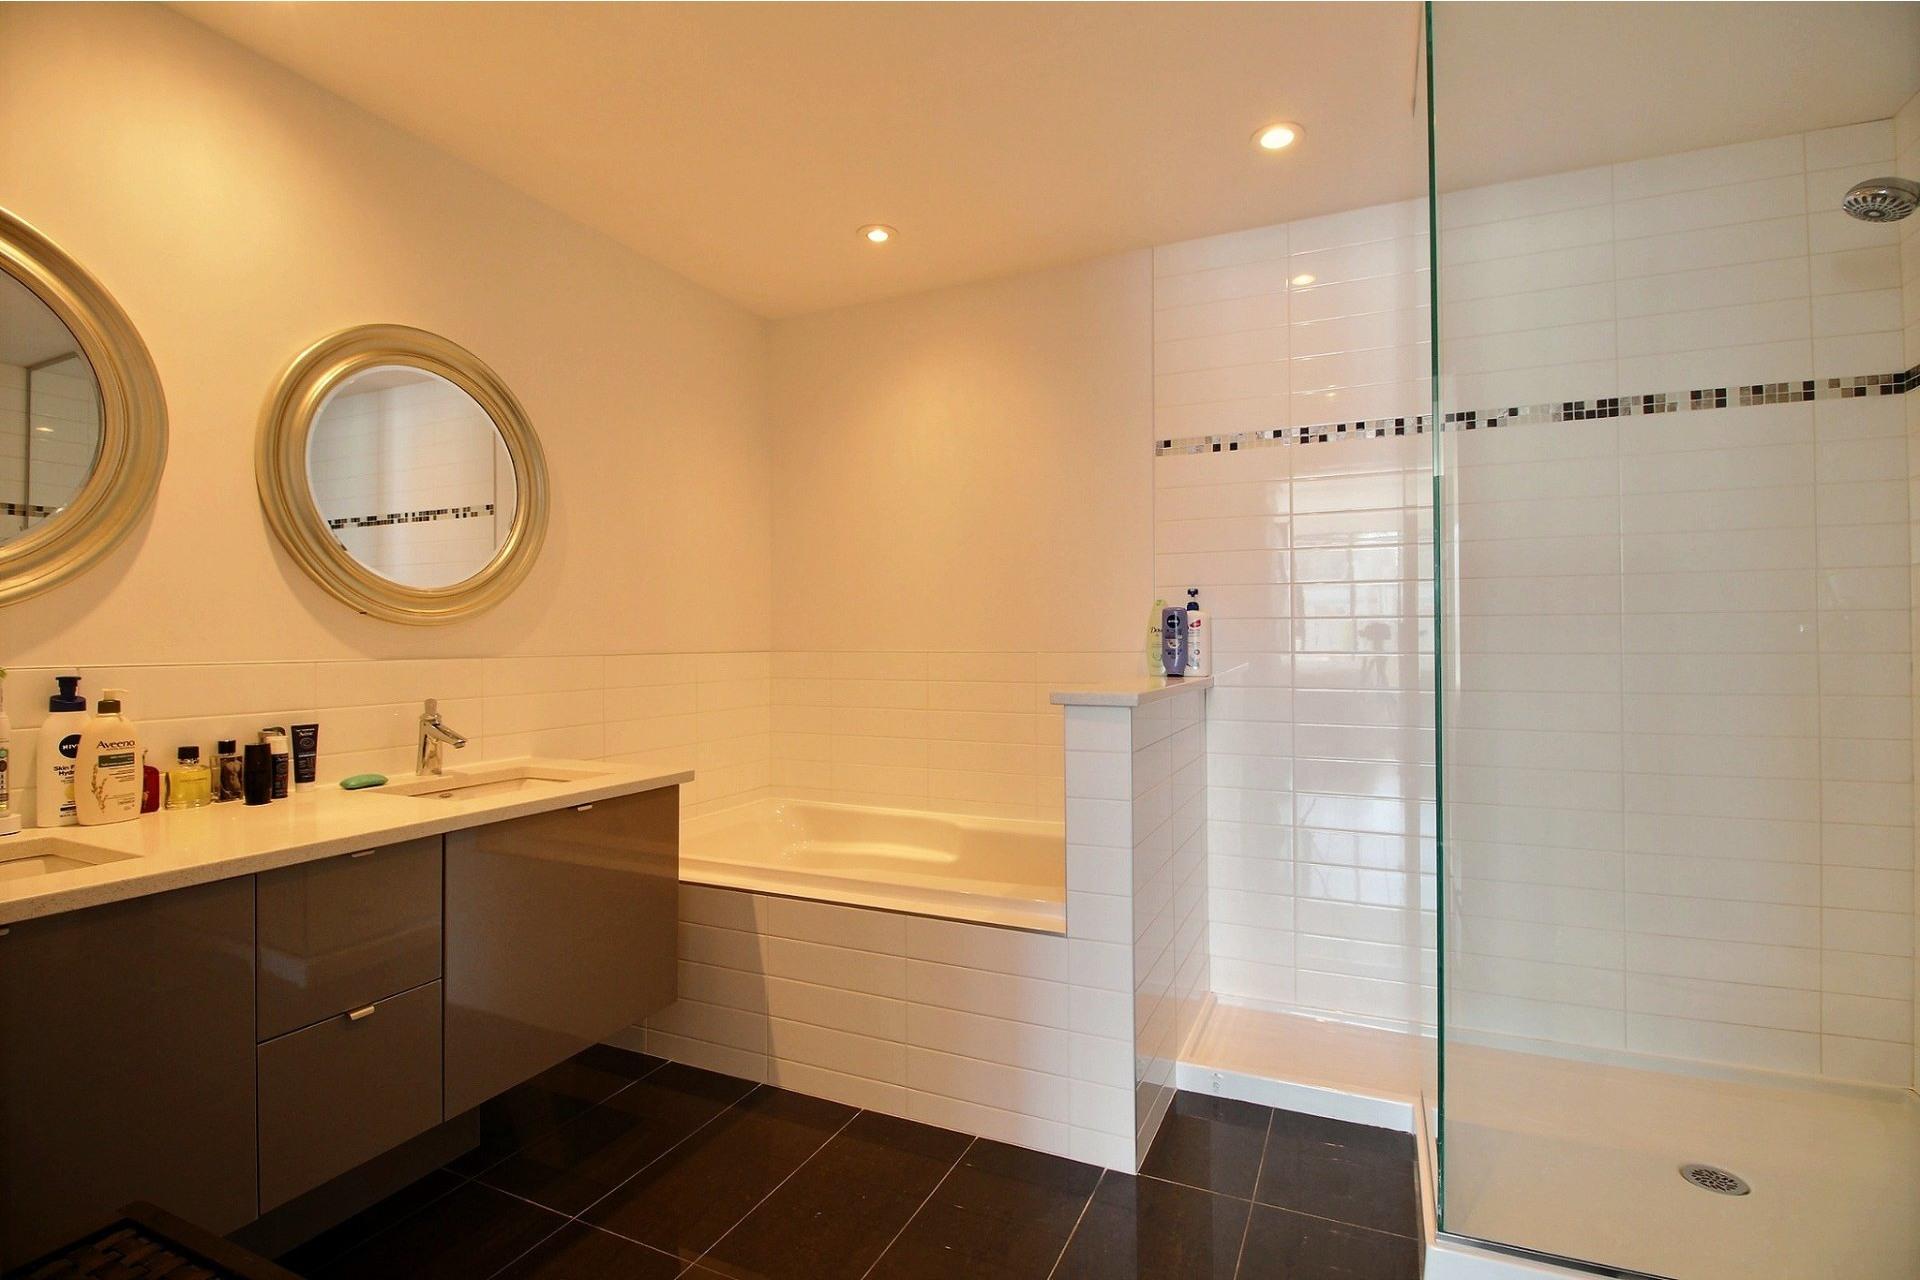 image 20 - Apartment For rent Côte-des-Neiges/Notre-Dame-de-Grâce Montréal  - 4 rooms